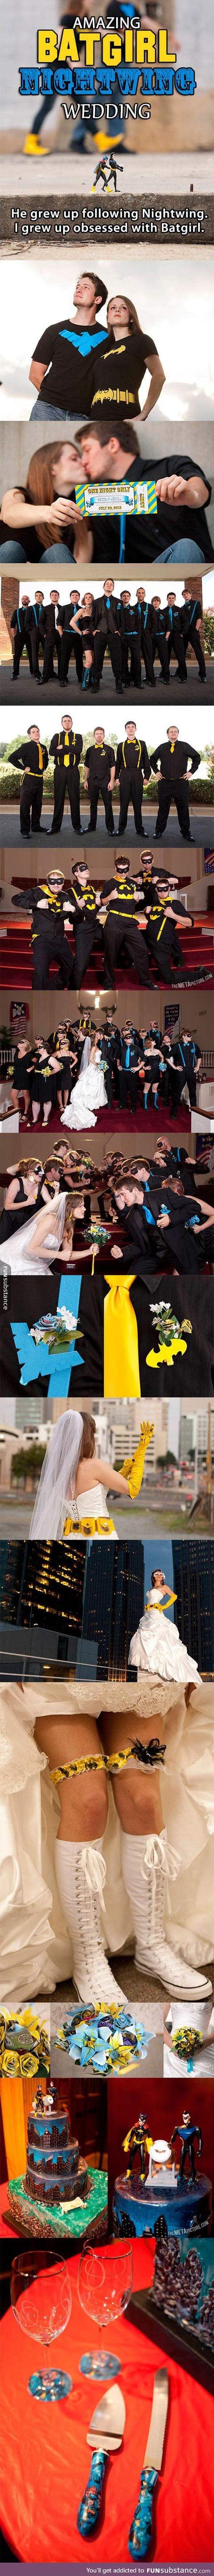 When geeks fall in love